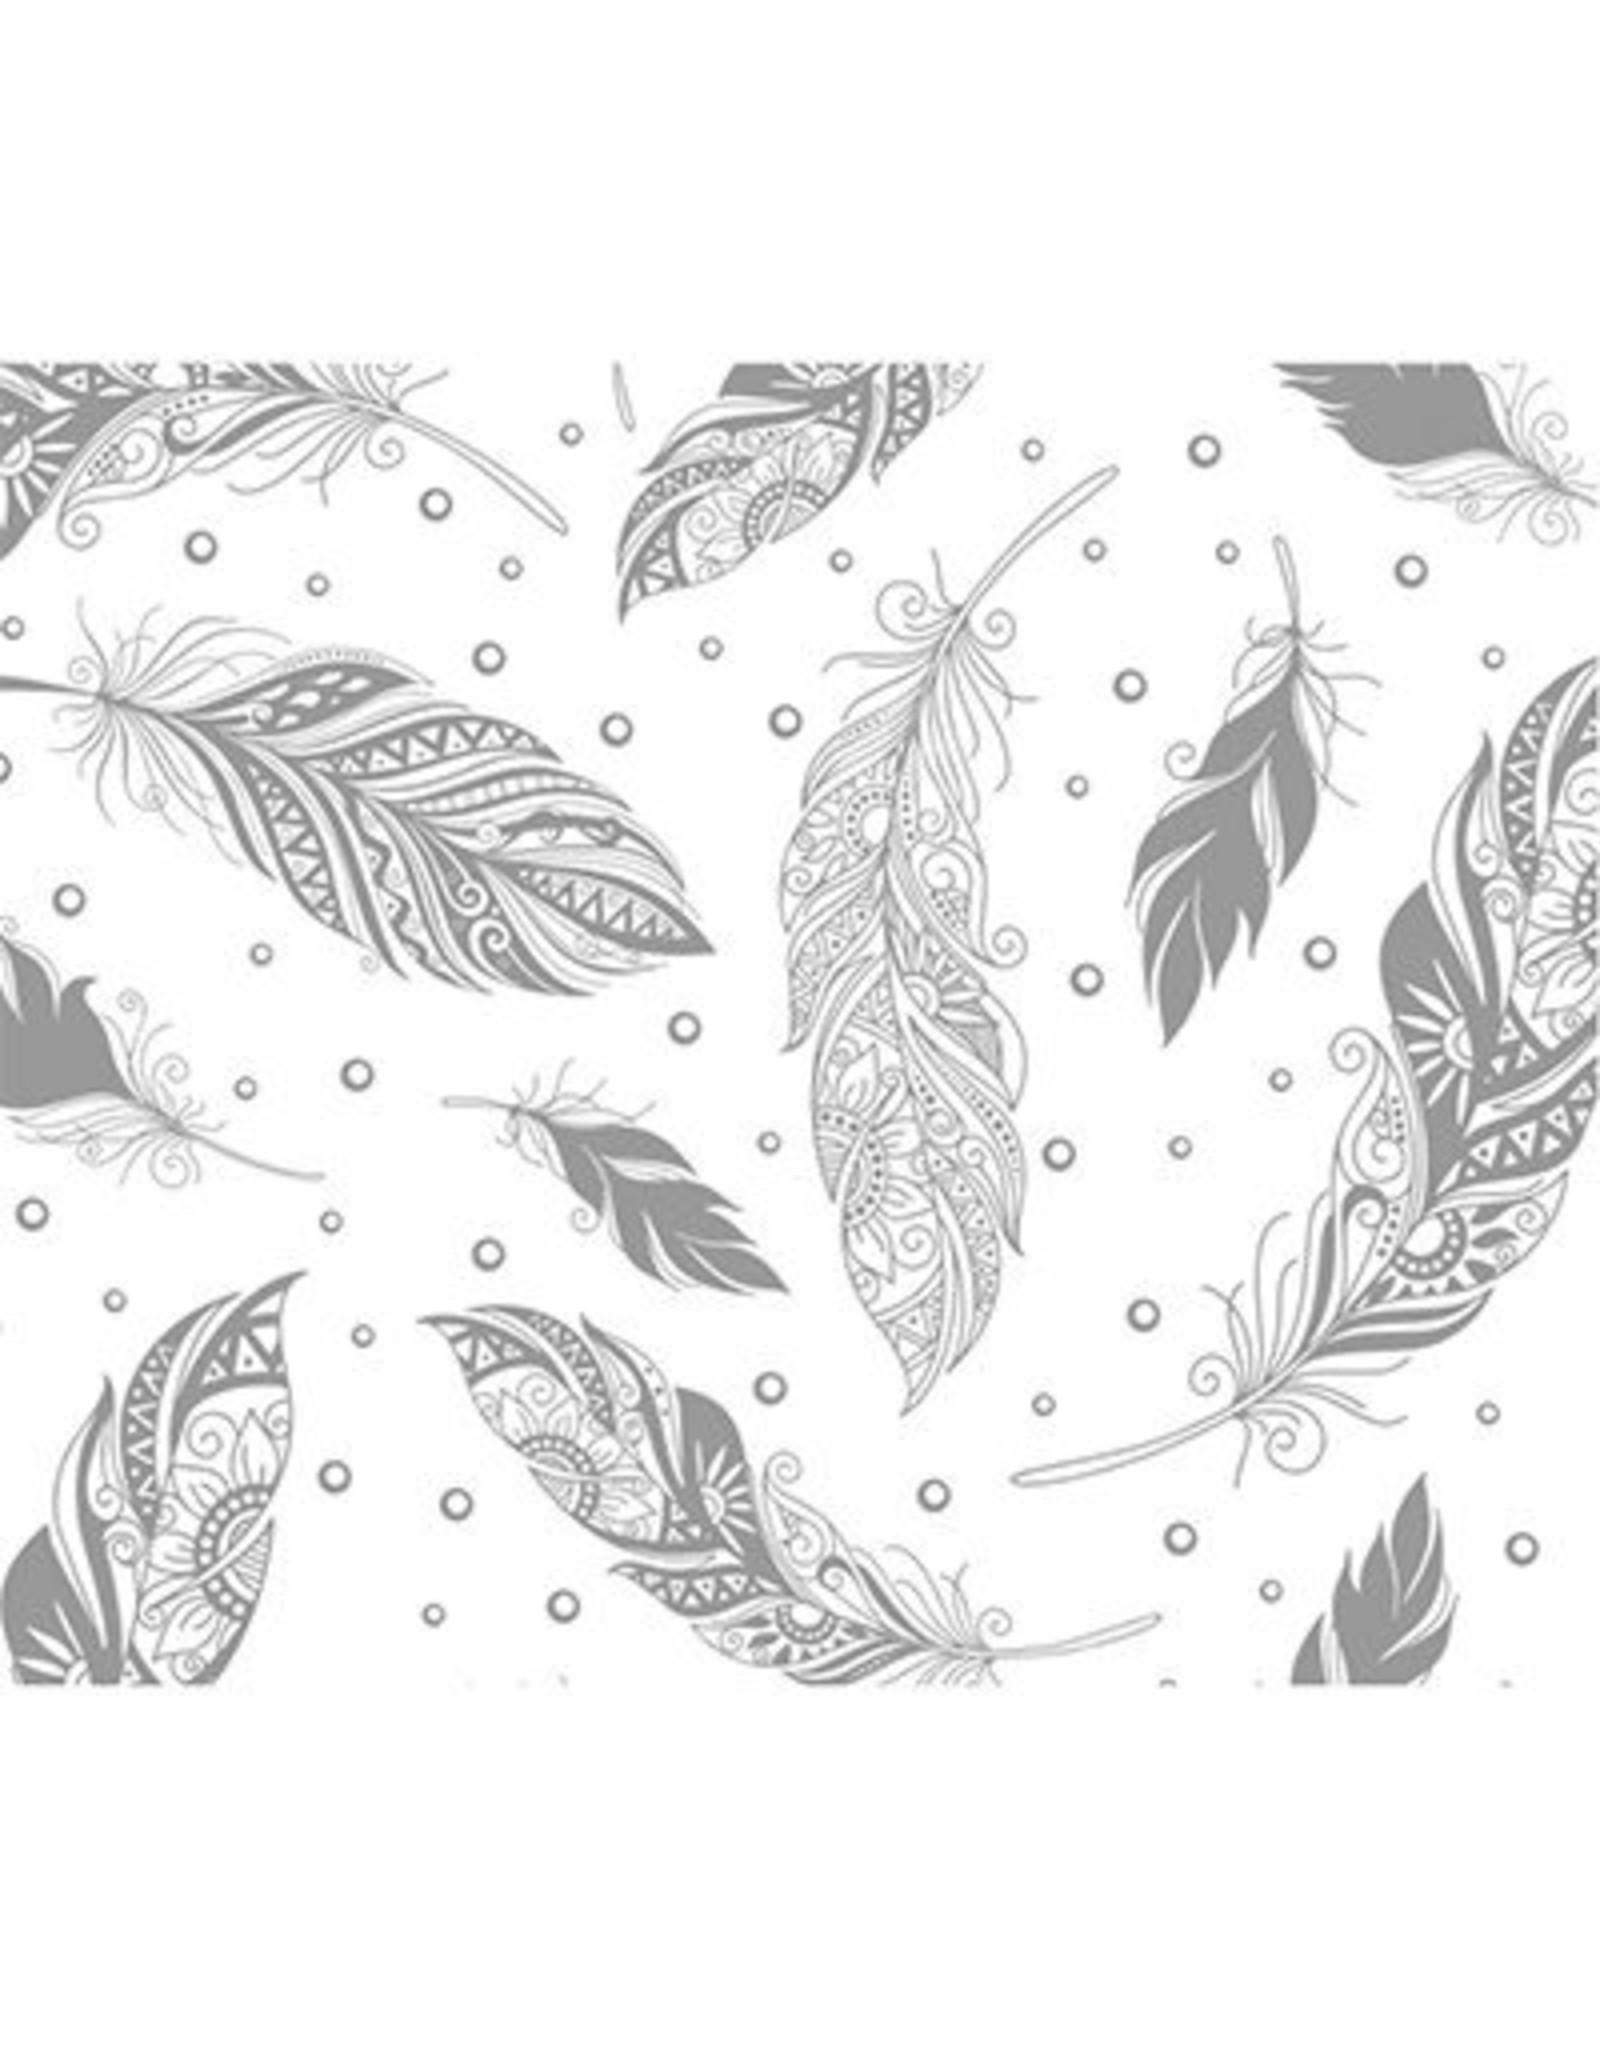 Magic Paper, Feathers,23x33cm, Ursus, per vel